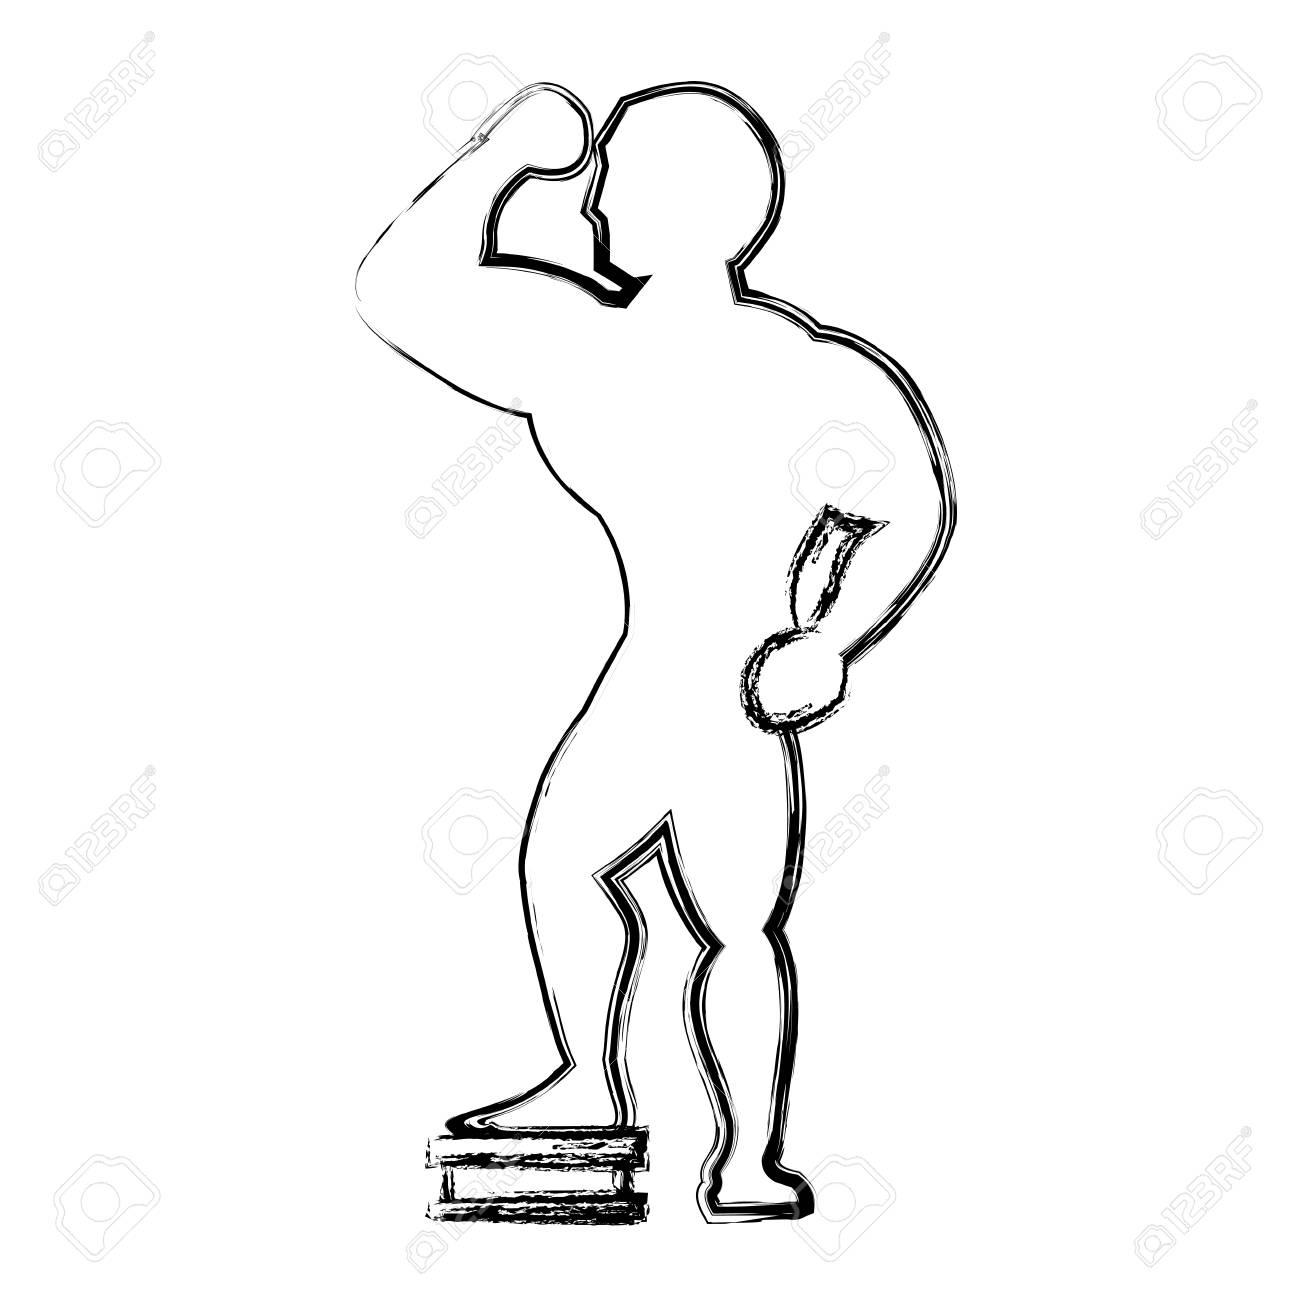 Culturismo Hombre Silueta Icono Ilustración Vectorial Diseño Gráfico ...